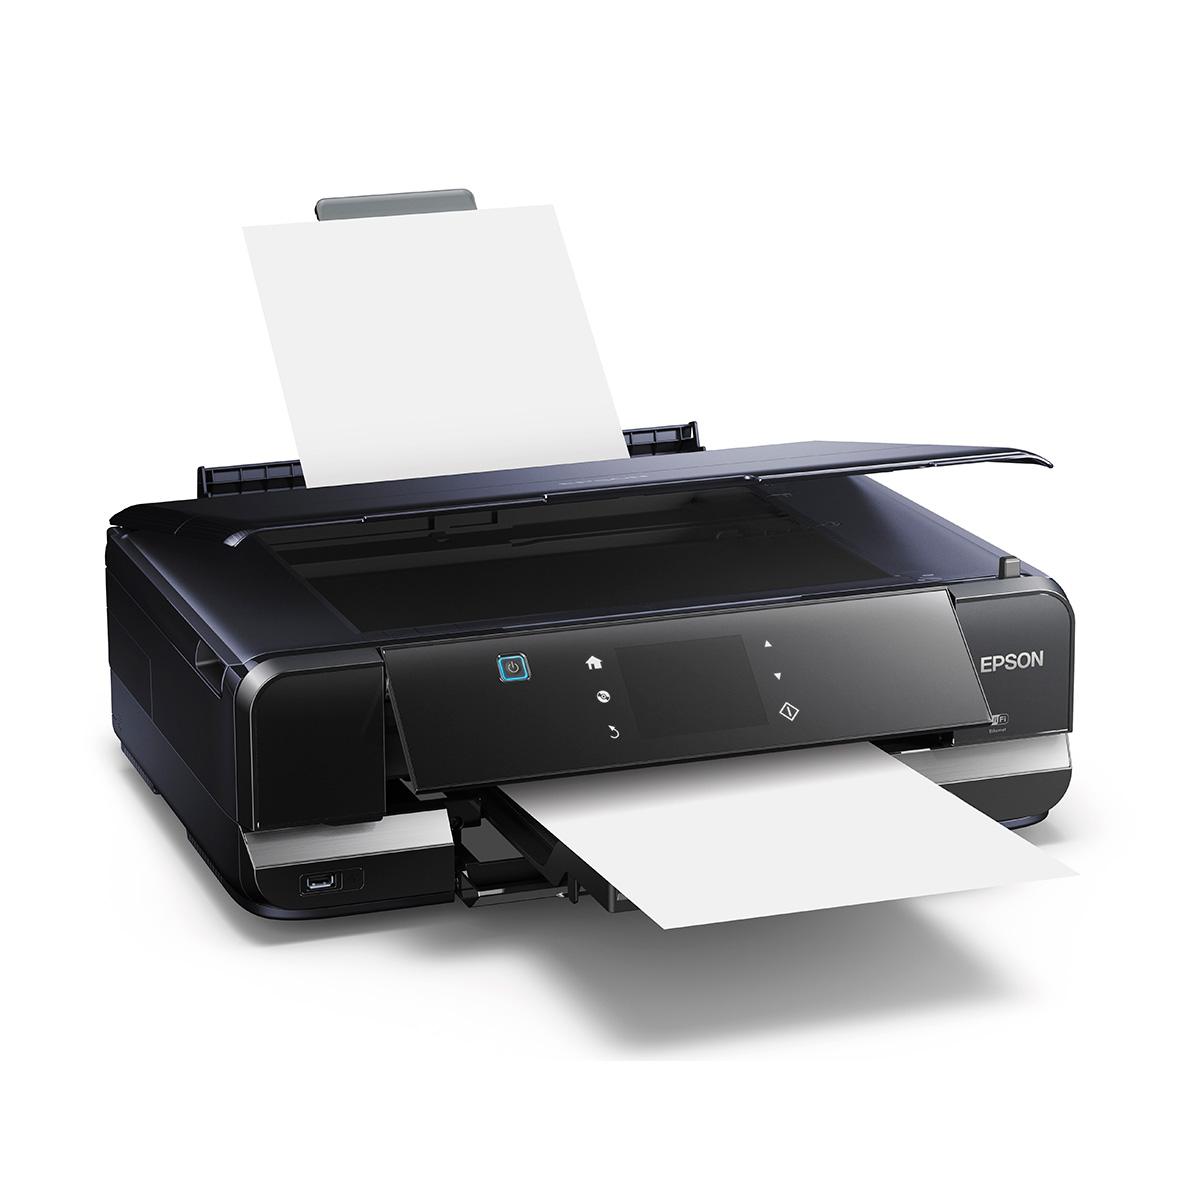 epson expression photo hd xp 950 c11cd28302 achat vente imprimante multifonction sur. Black Bedroom Furniture Sets. Home Design Ideas